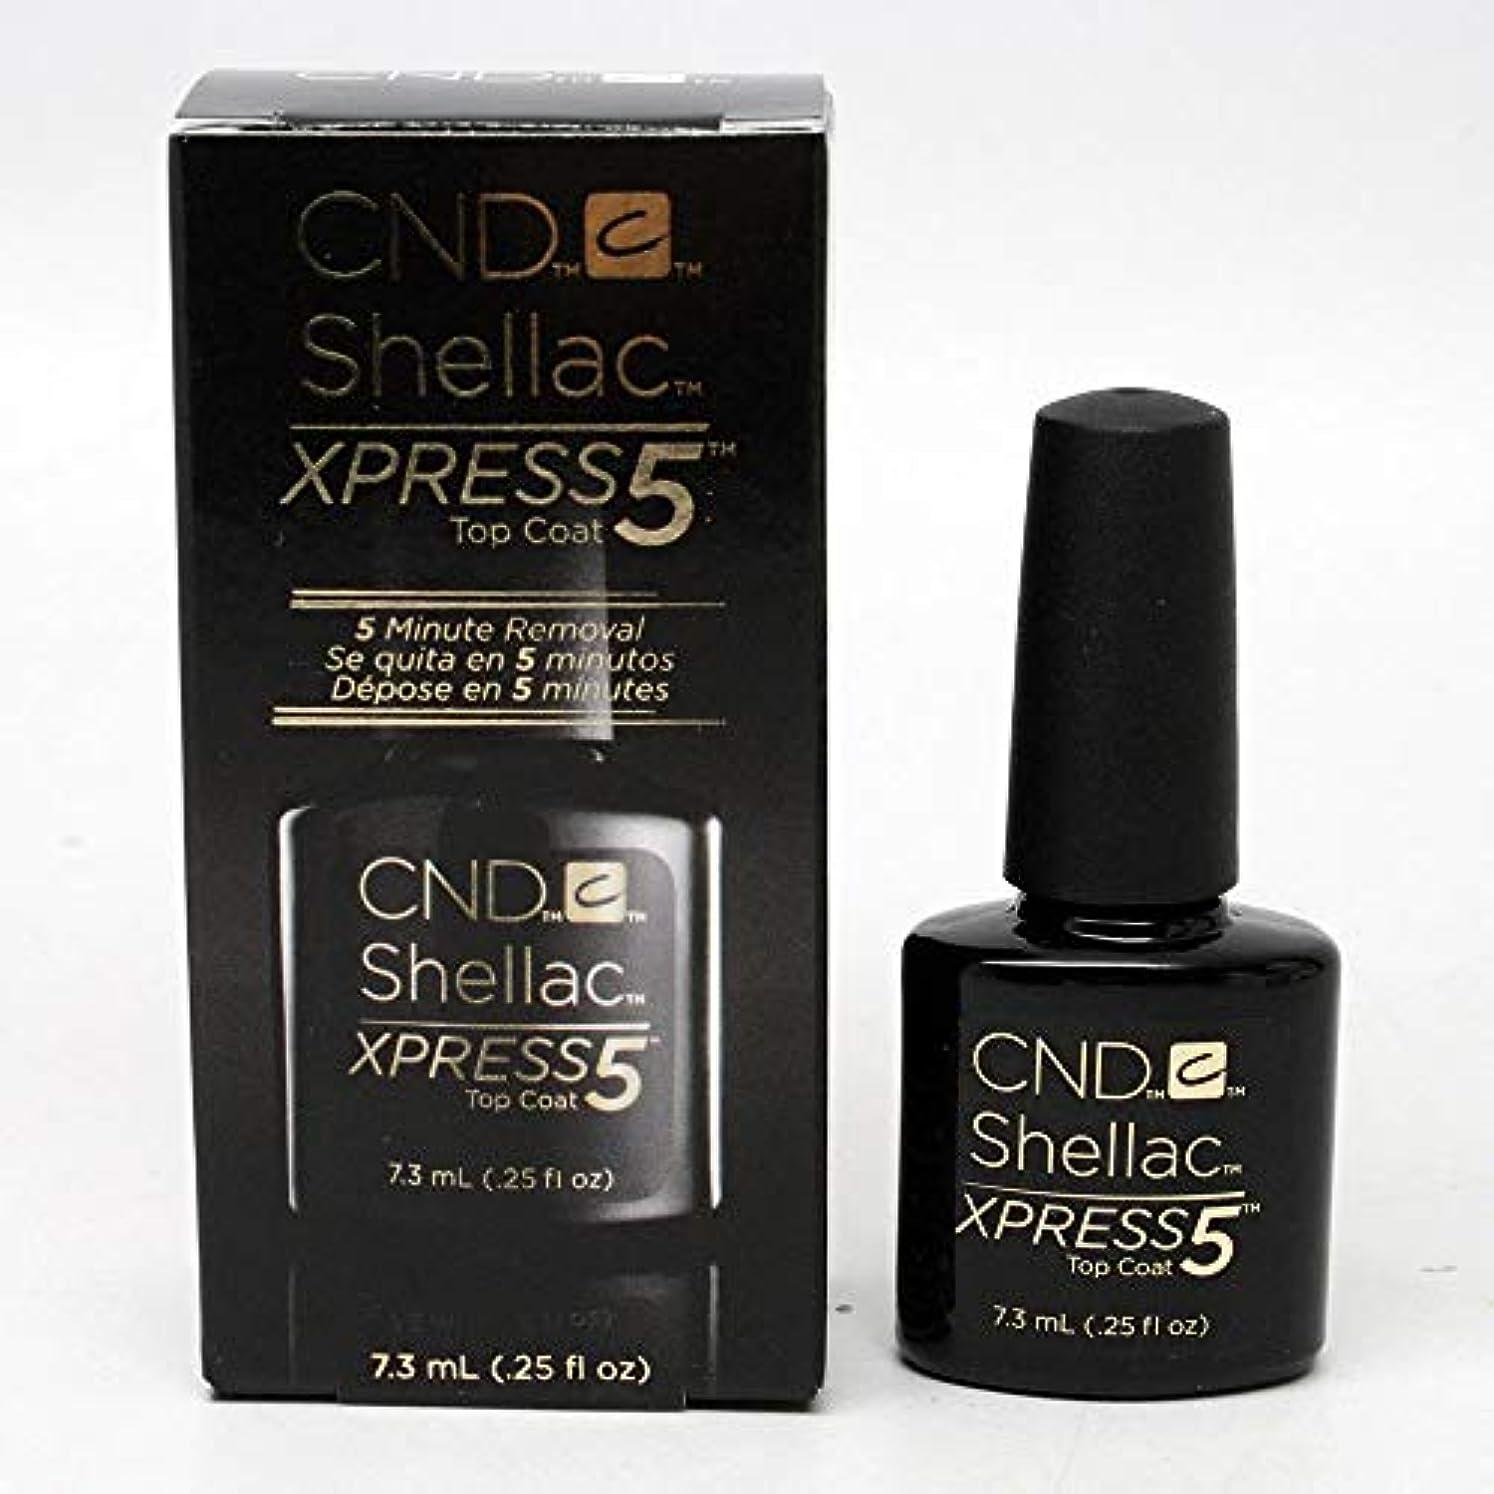 オーストラリア人とんでもない進む【CND 】Shellac?Xpress5トップコート0.5oz / 15ml[CND-90929]